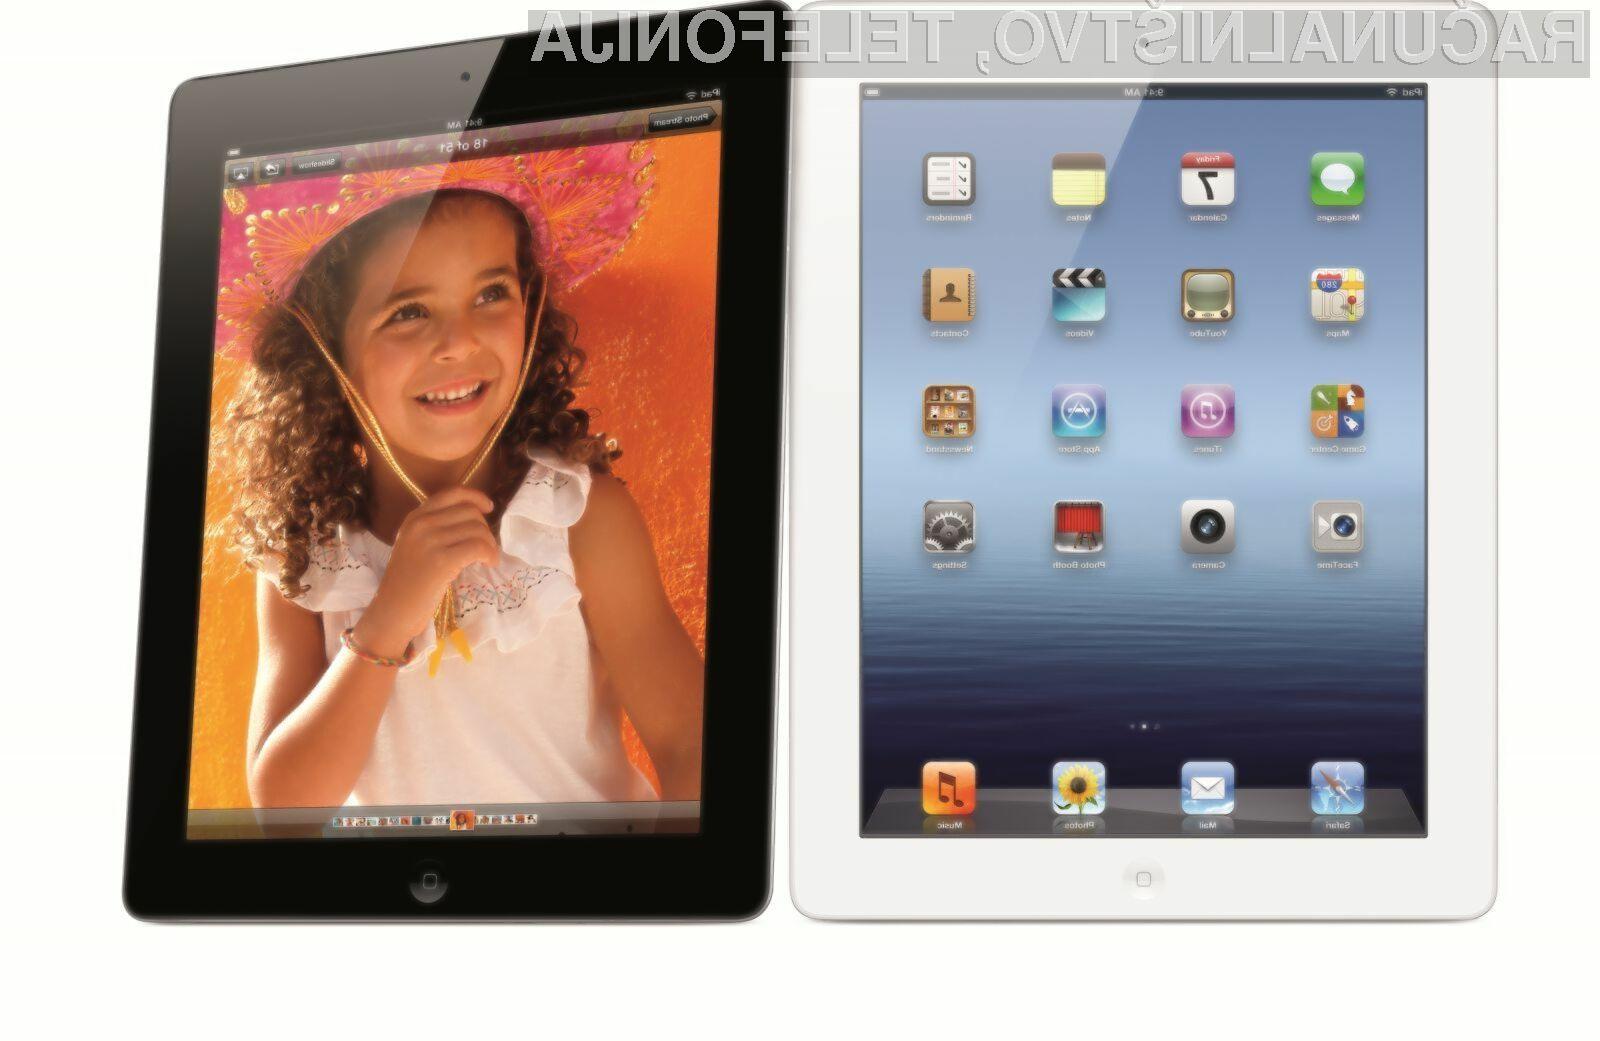 Ima tudi vaš novi Applov tablični računalnik iPad težave s sprejemom brezžičnega signala Wi-Fi?